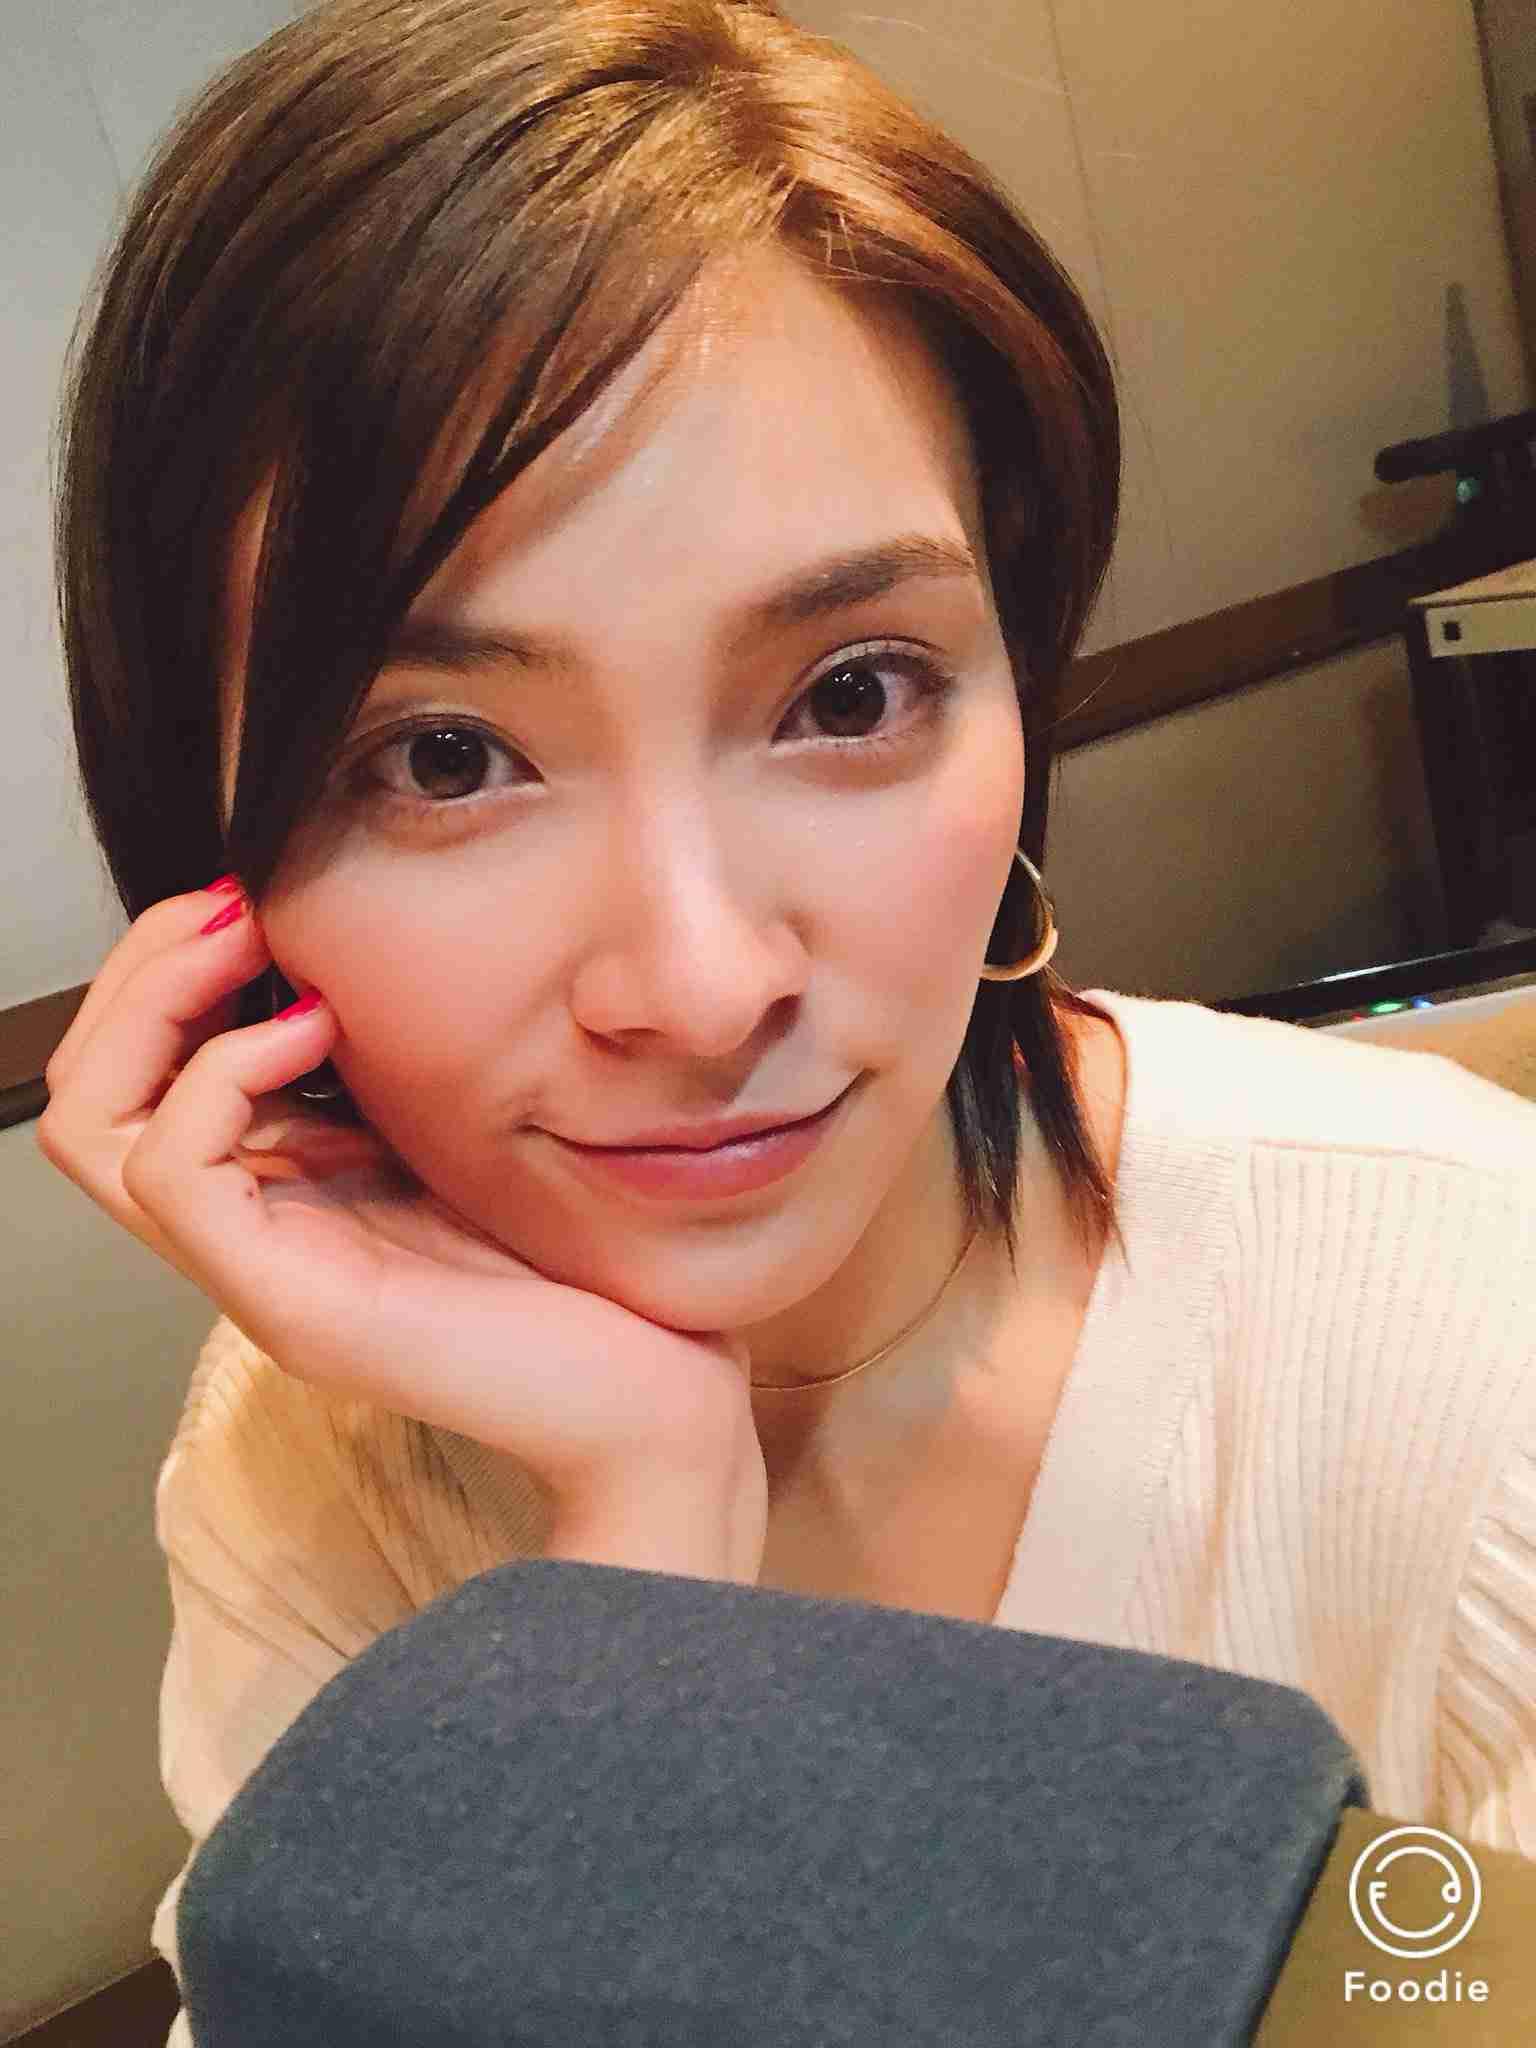 元乃木坂の市来玲奈が芸能活動終了、日テレでアナへ